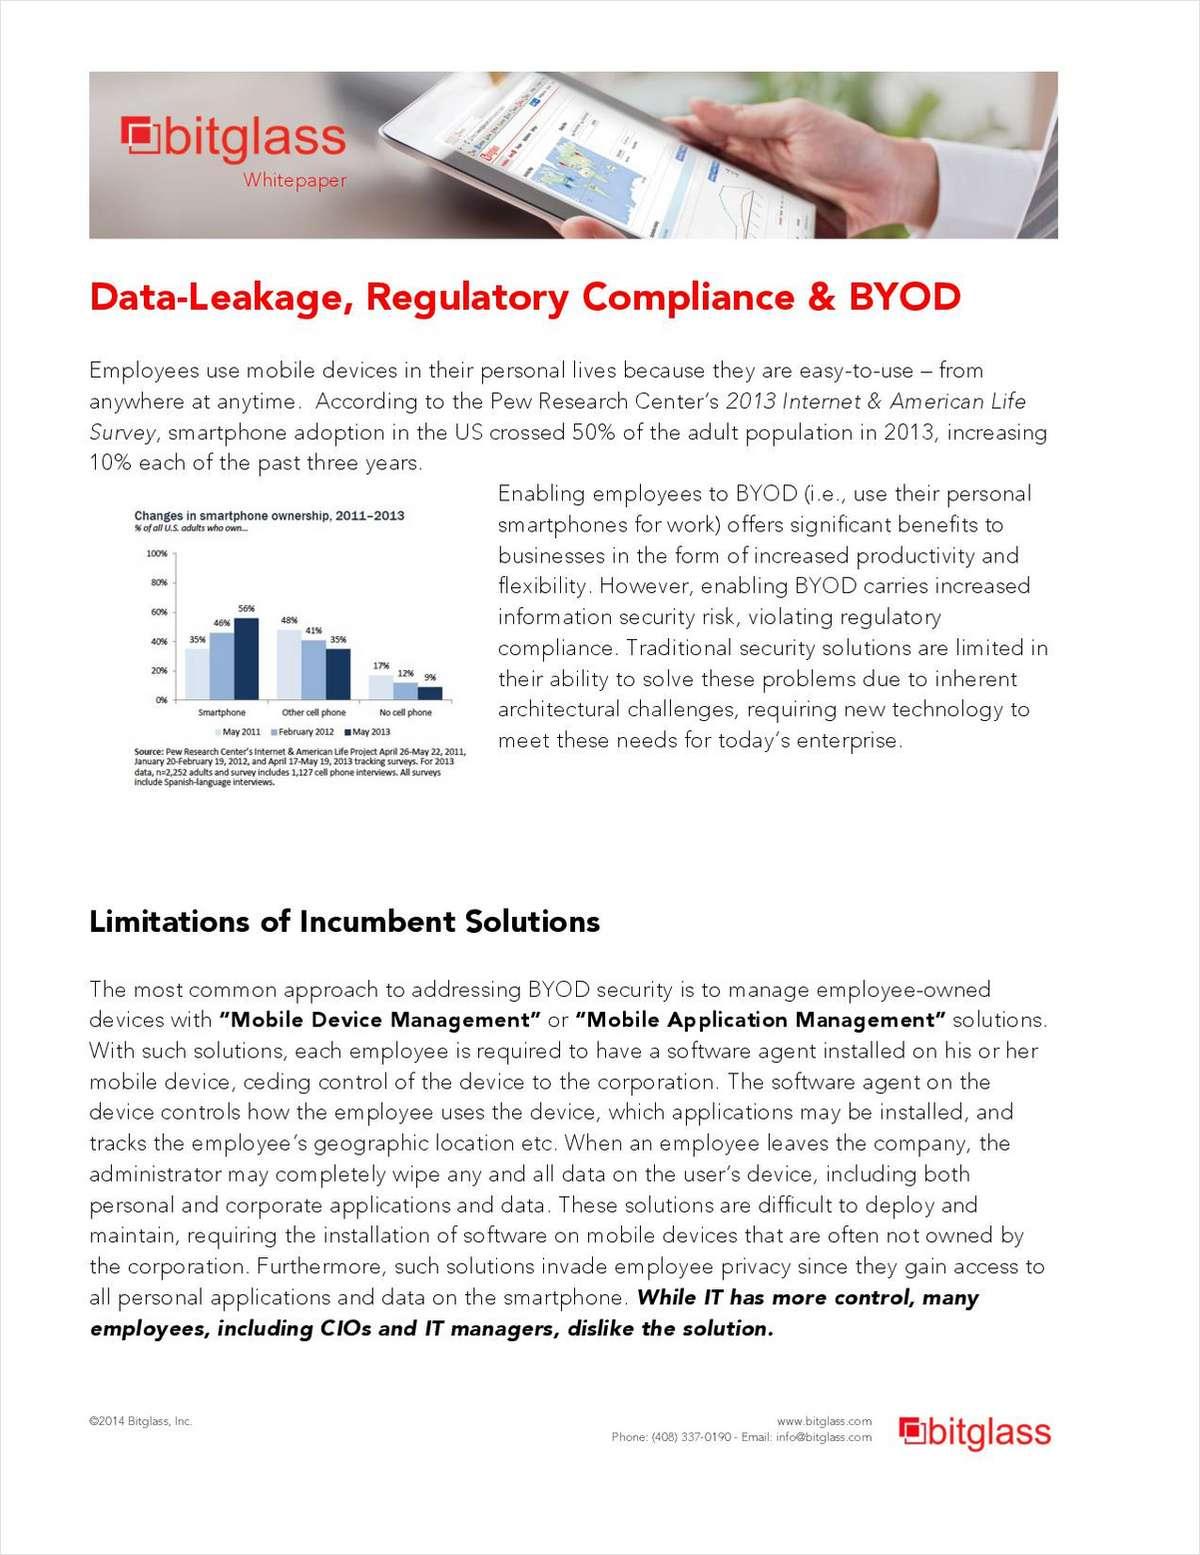 Data-Leakage, Regulatory Compliance & BYOD